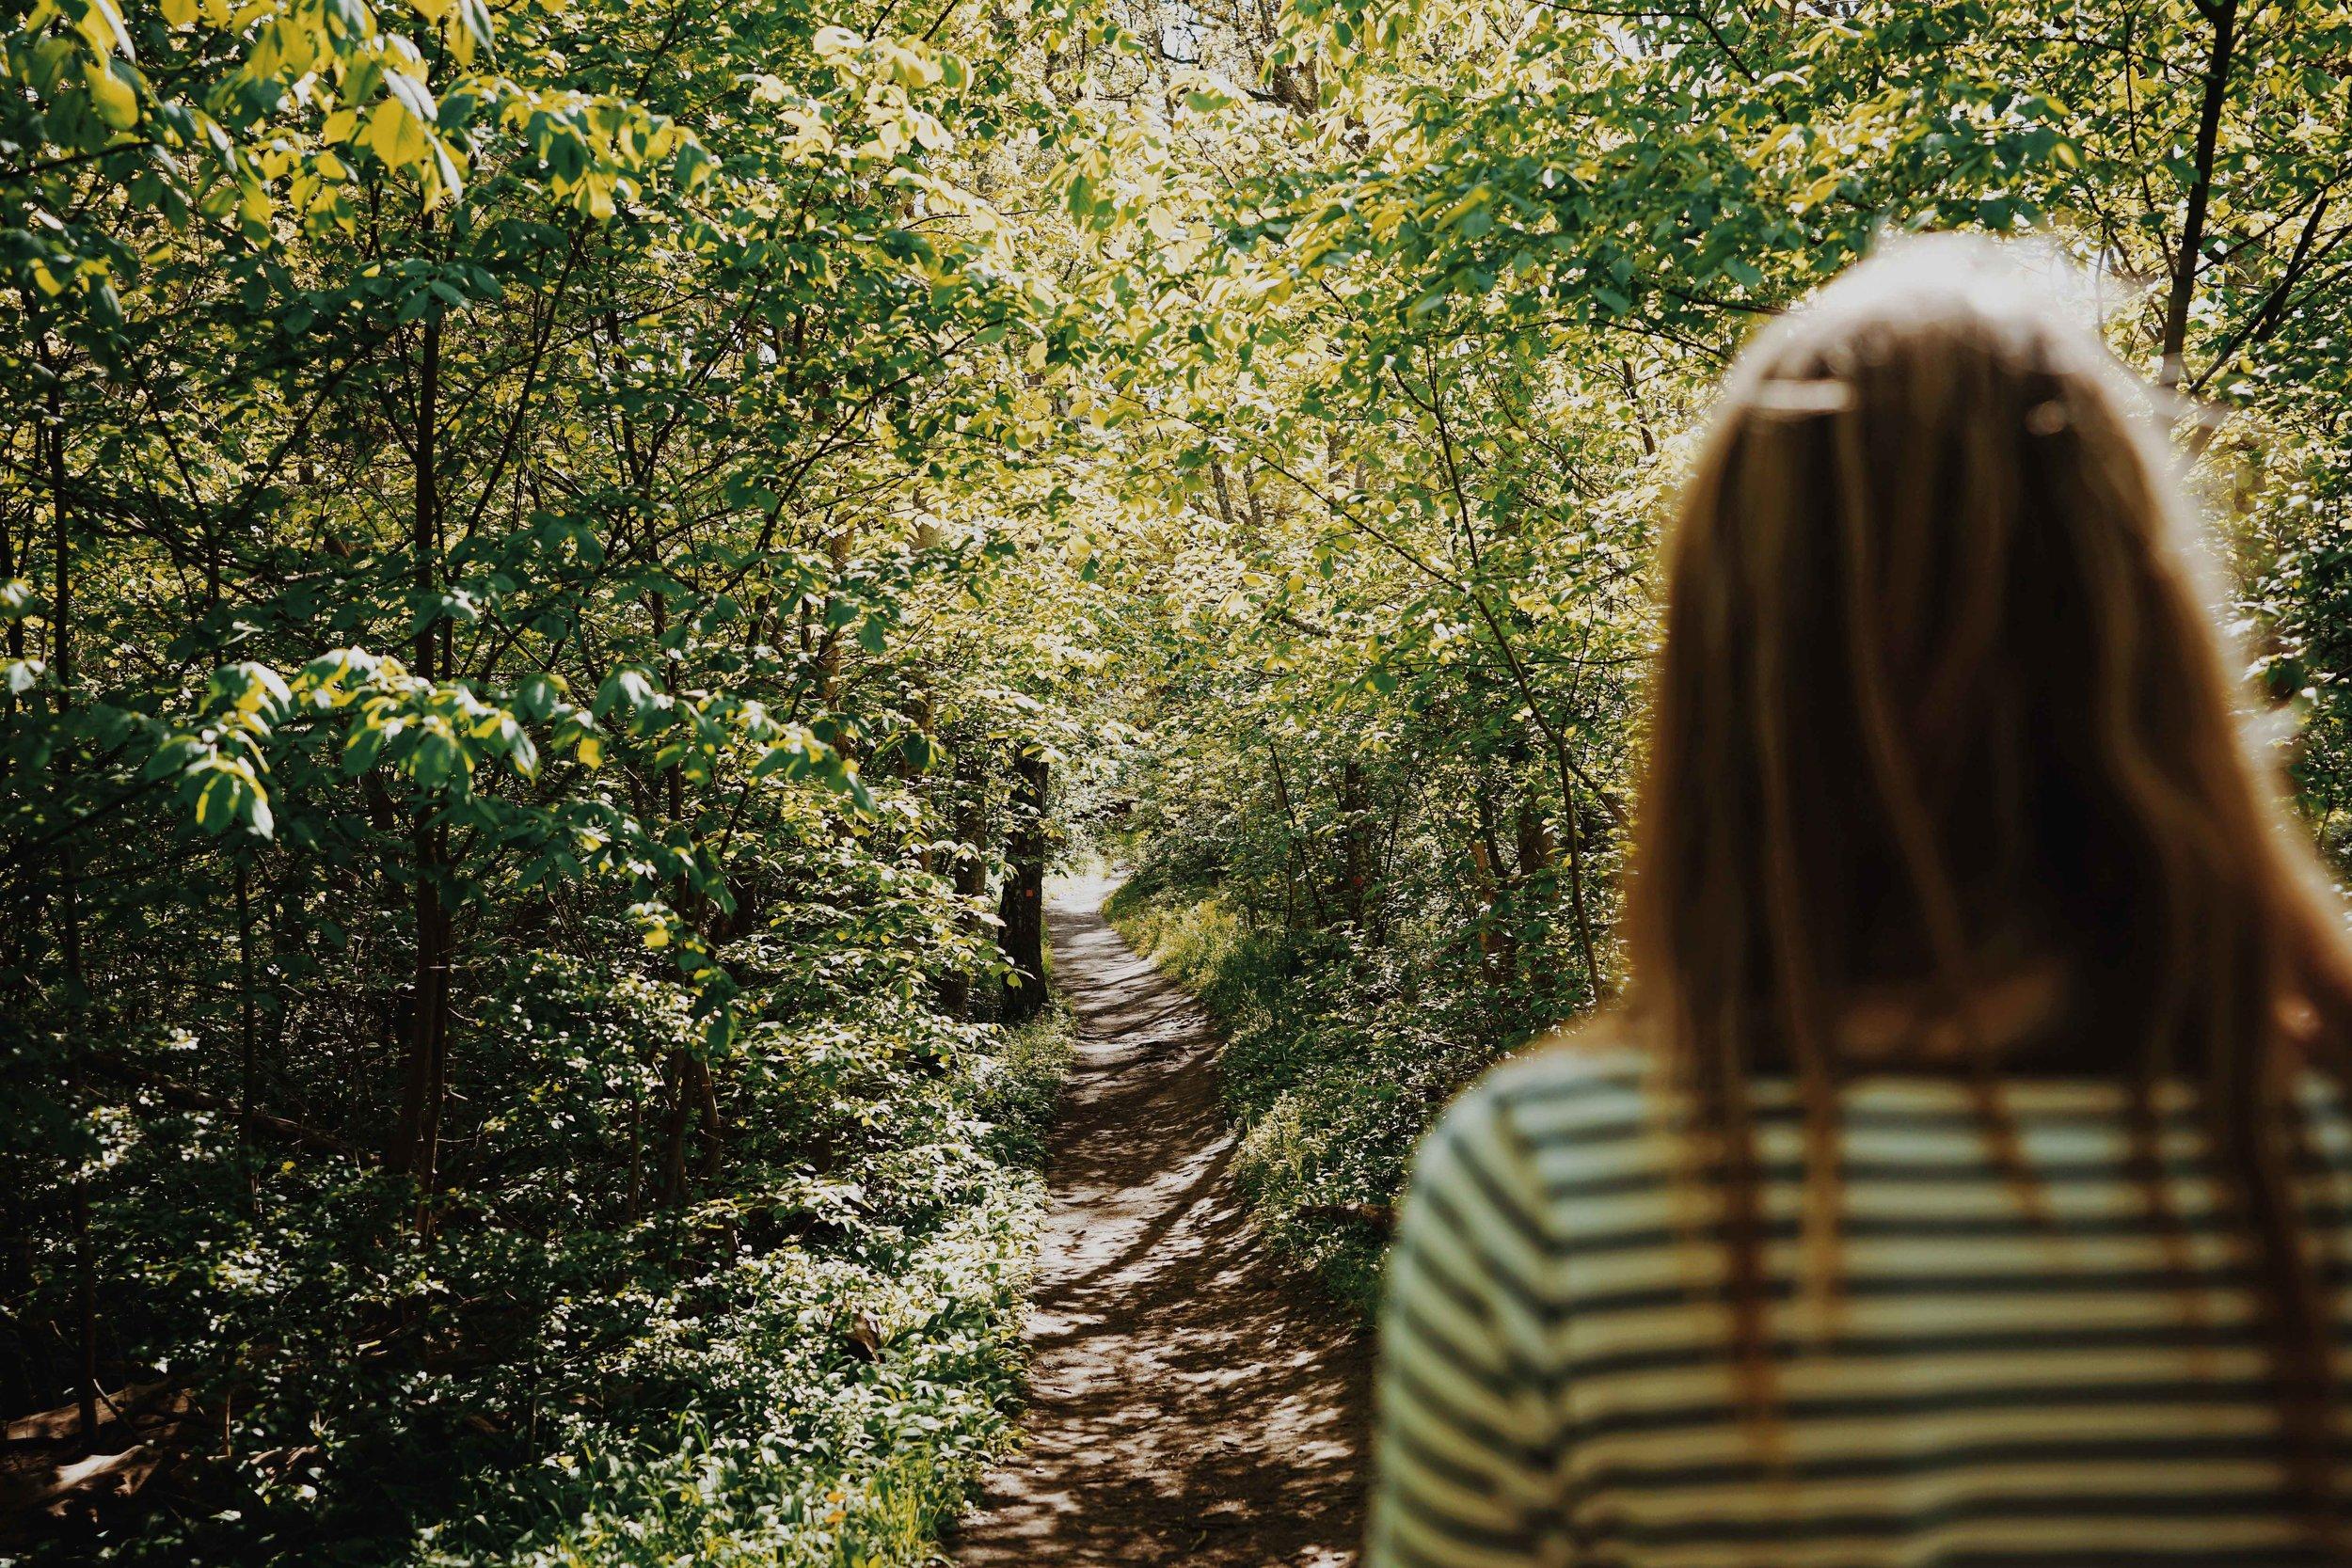 ASROSENVINGE_VisitSkane_Sweden_Molle_Kullaberg_Hiking_LowRes-109.jpg